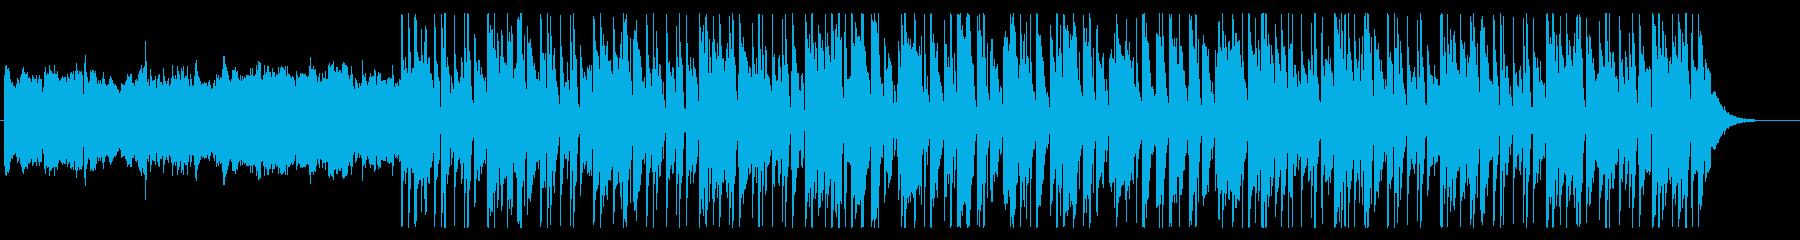 何かに挑戦するときに流れるオルガンBGMの再生済みの波形